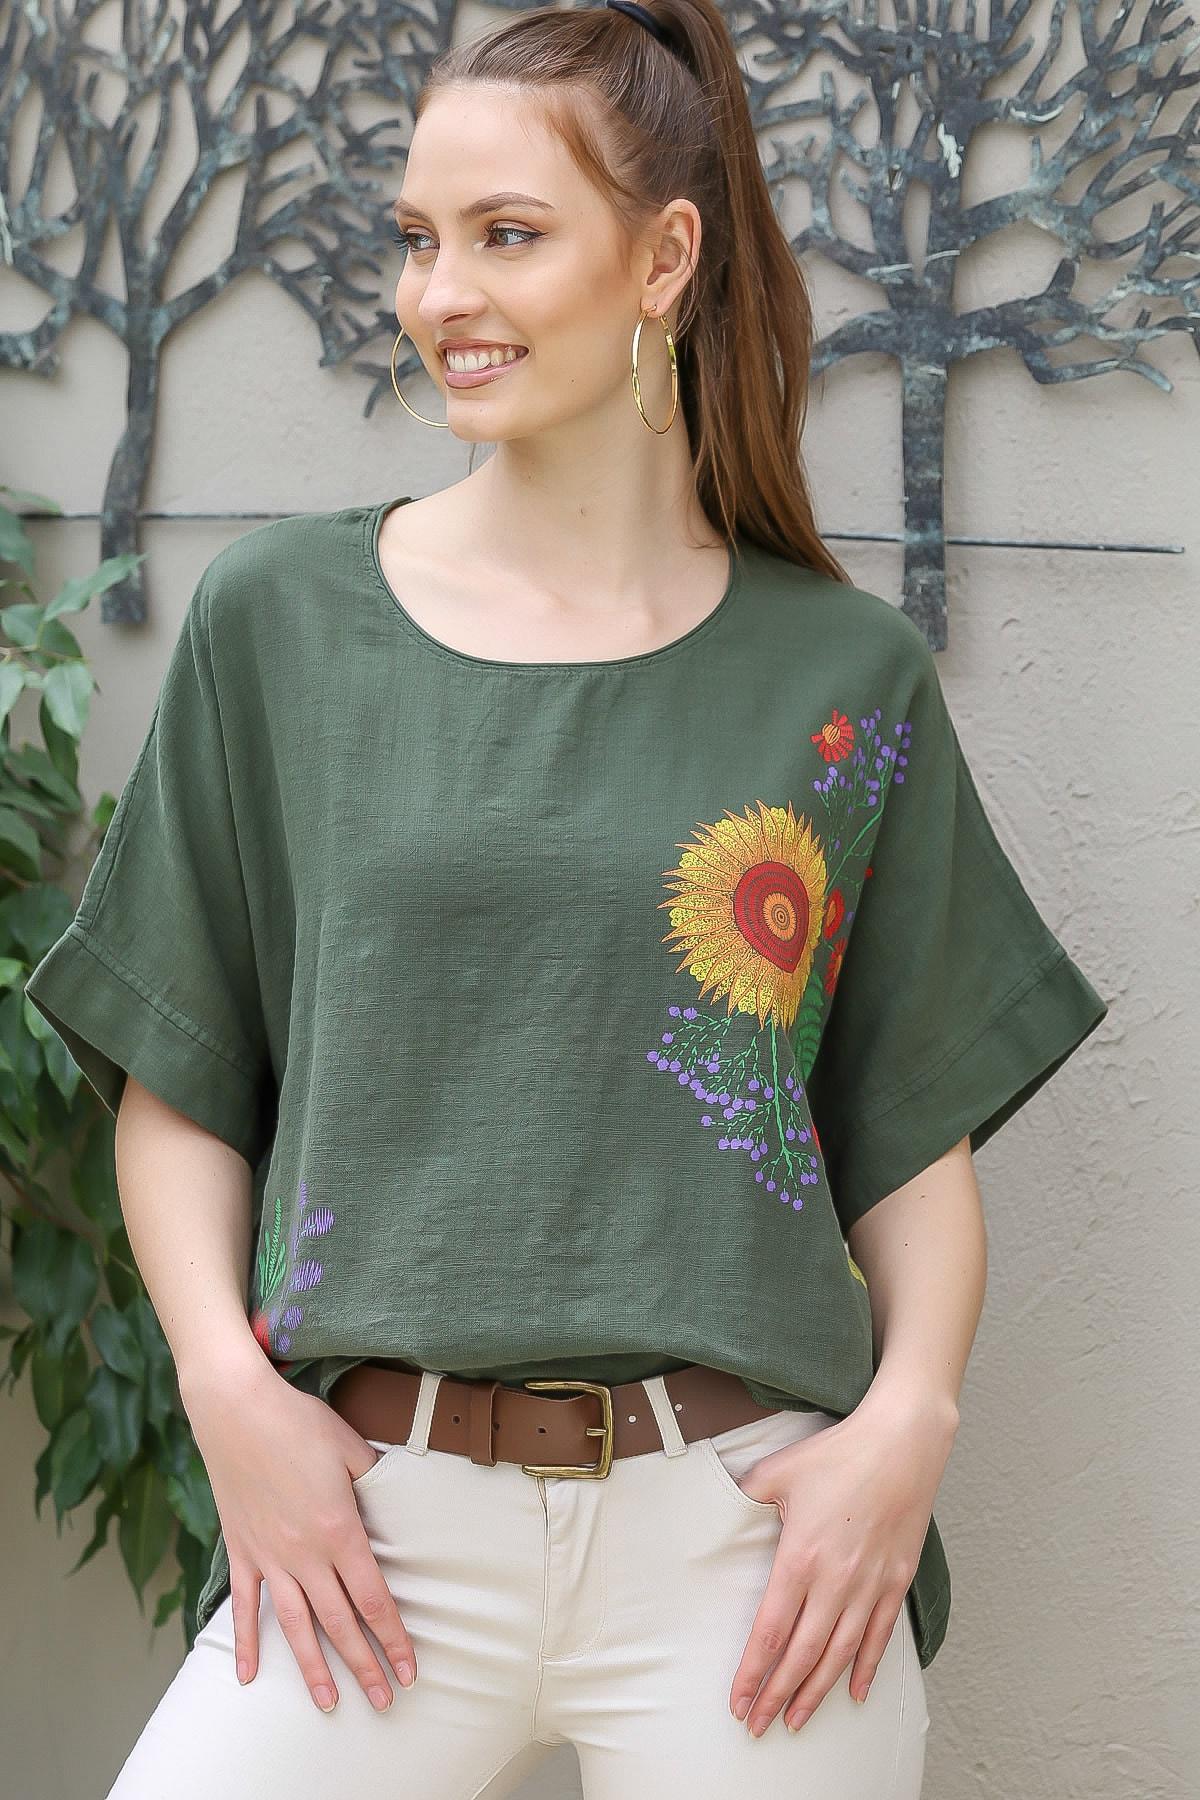 Chiccy Kadın Haki Sıfır Yaka Günebakan Çiçek Desenli Salaş Dokuma Bluz M10010200BL95412 2